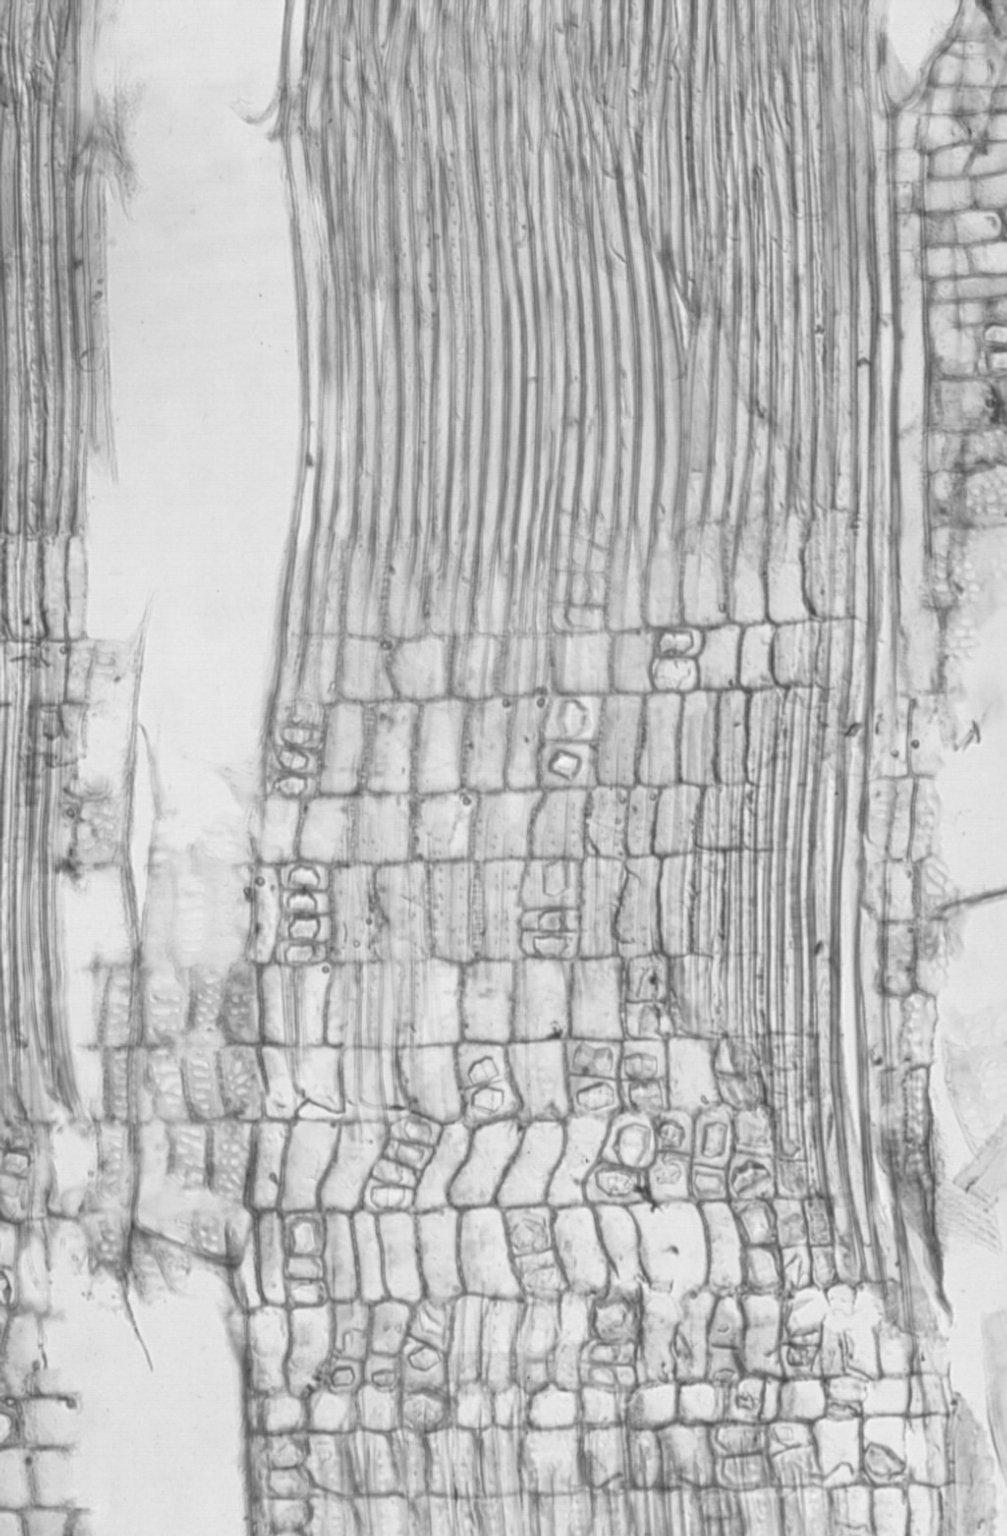 ELAEOCARPACEAE Elaeocarpus obovatus